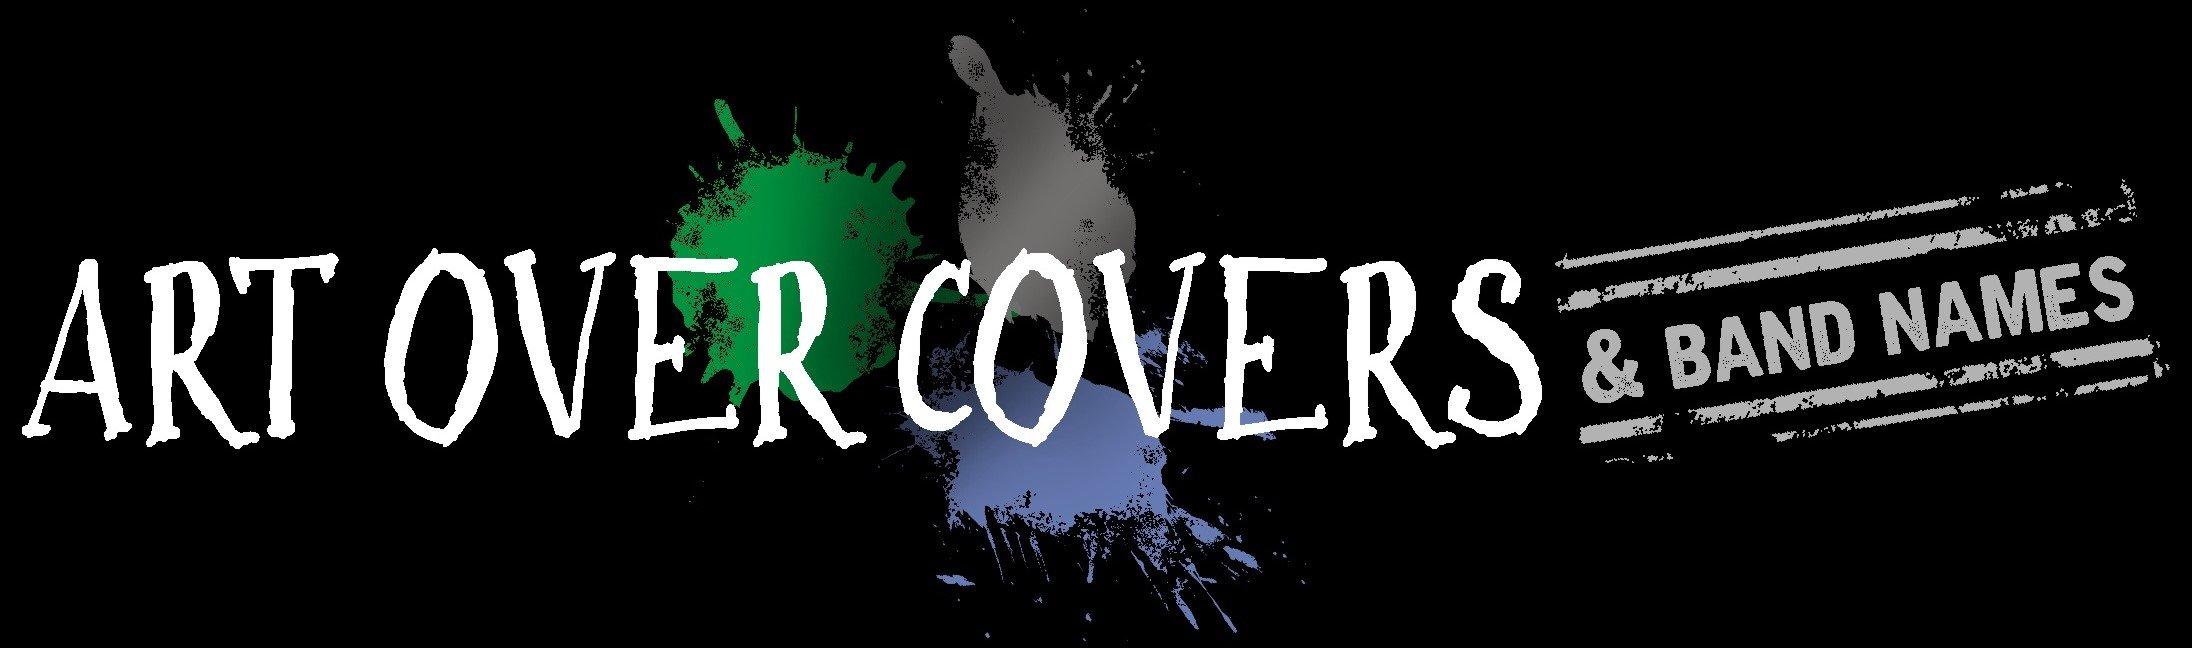 Artovercovers